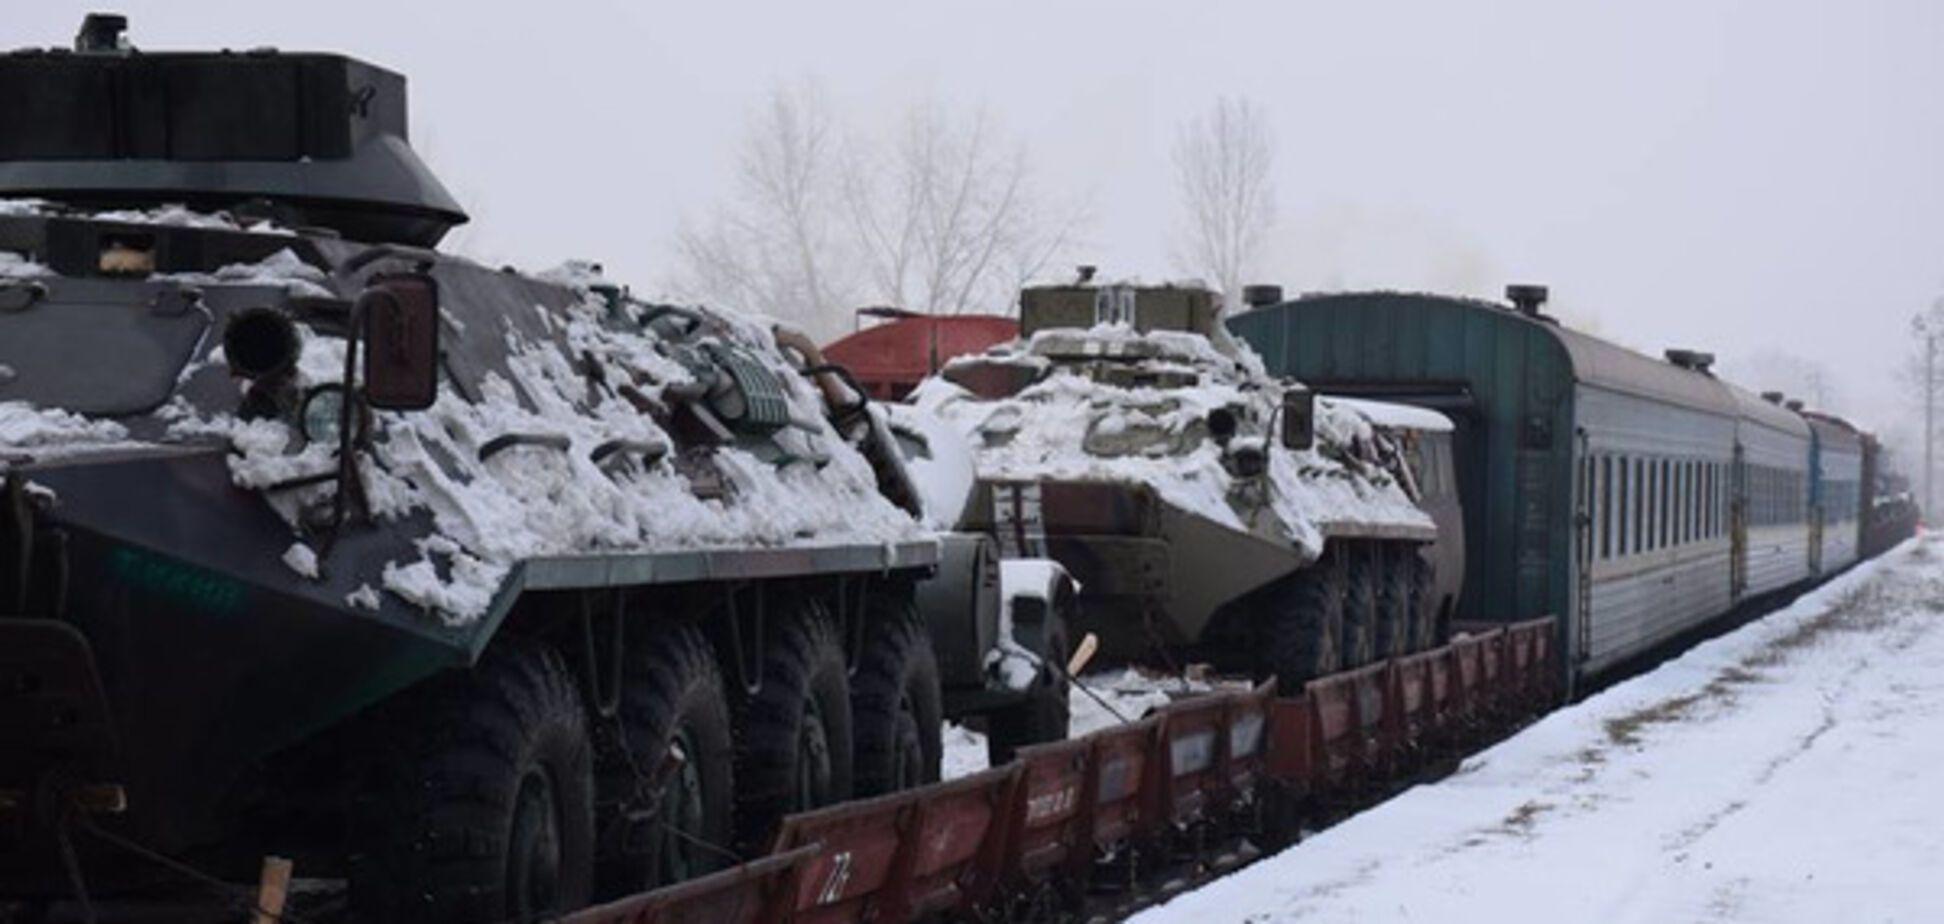 Доник о ситуации в армии: никаких нервов не хватает на третьем году войны.